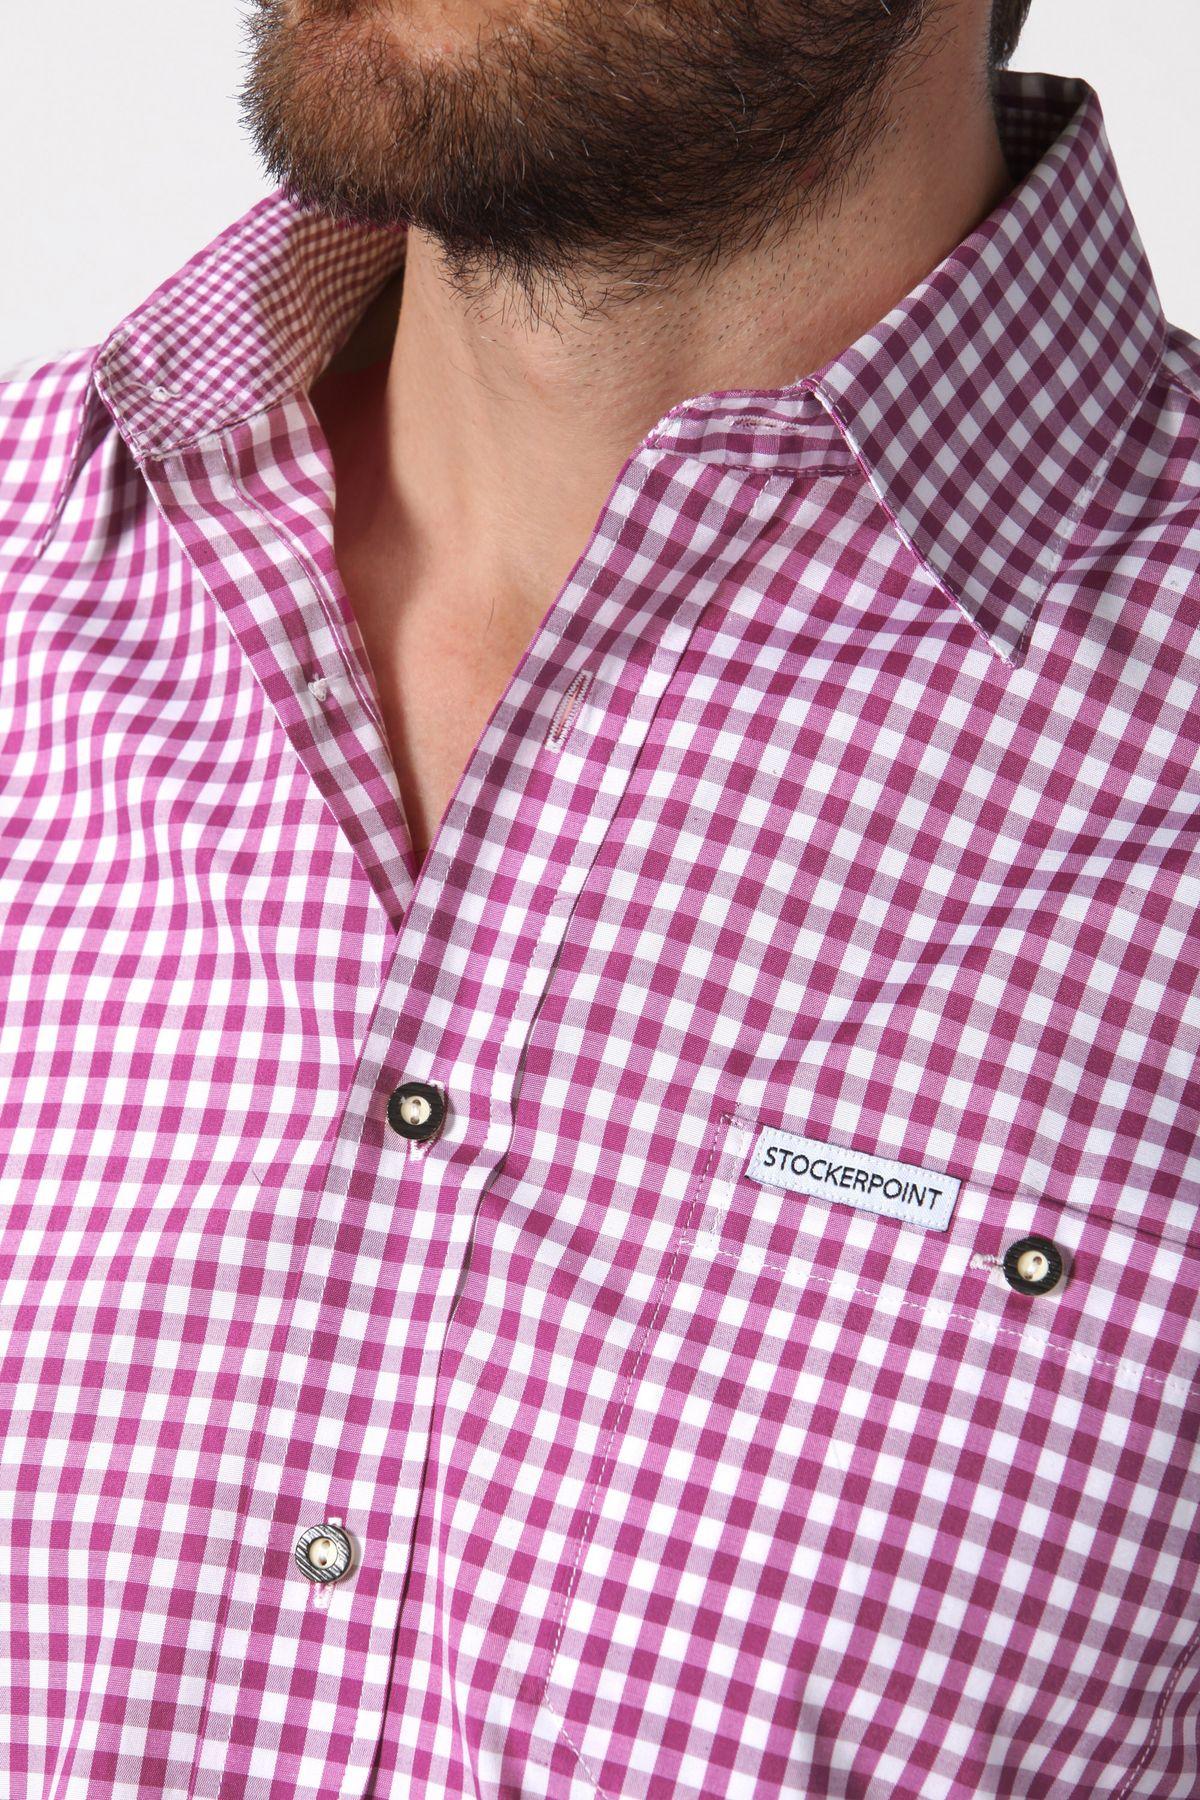 Stockerpoint - Herren Trachtenhemd, kariert in verschiedenen Farbvarianten, Campos2 – Bild 5